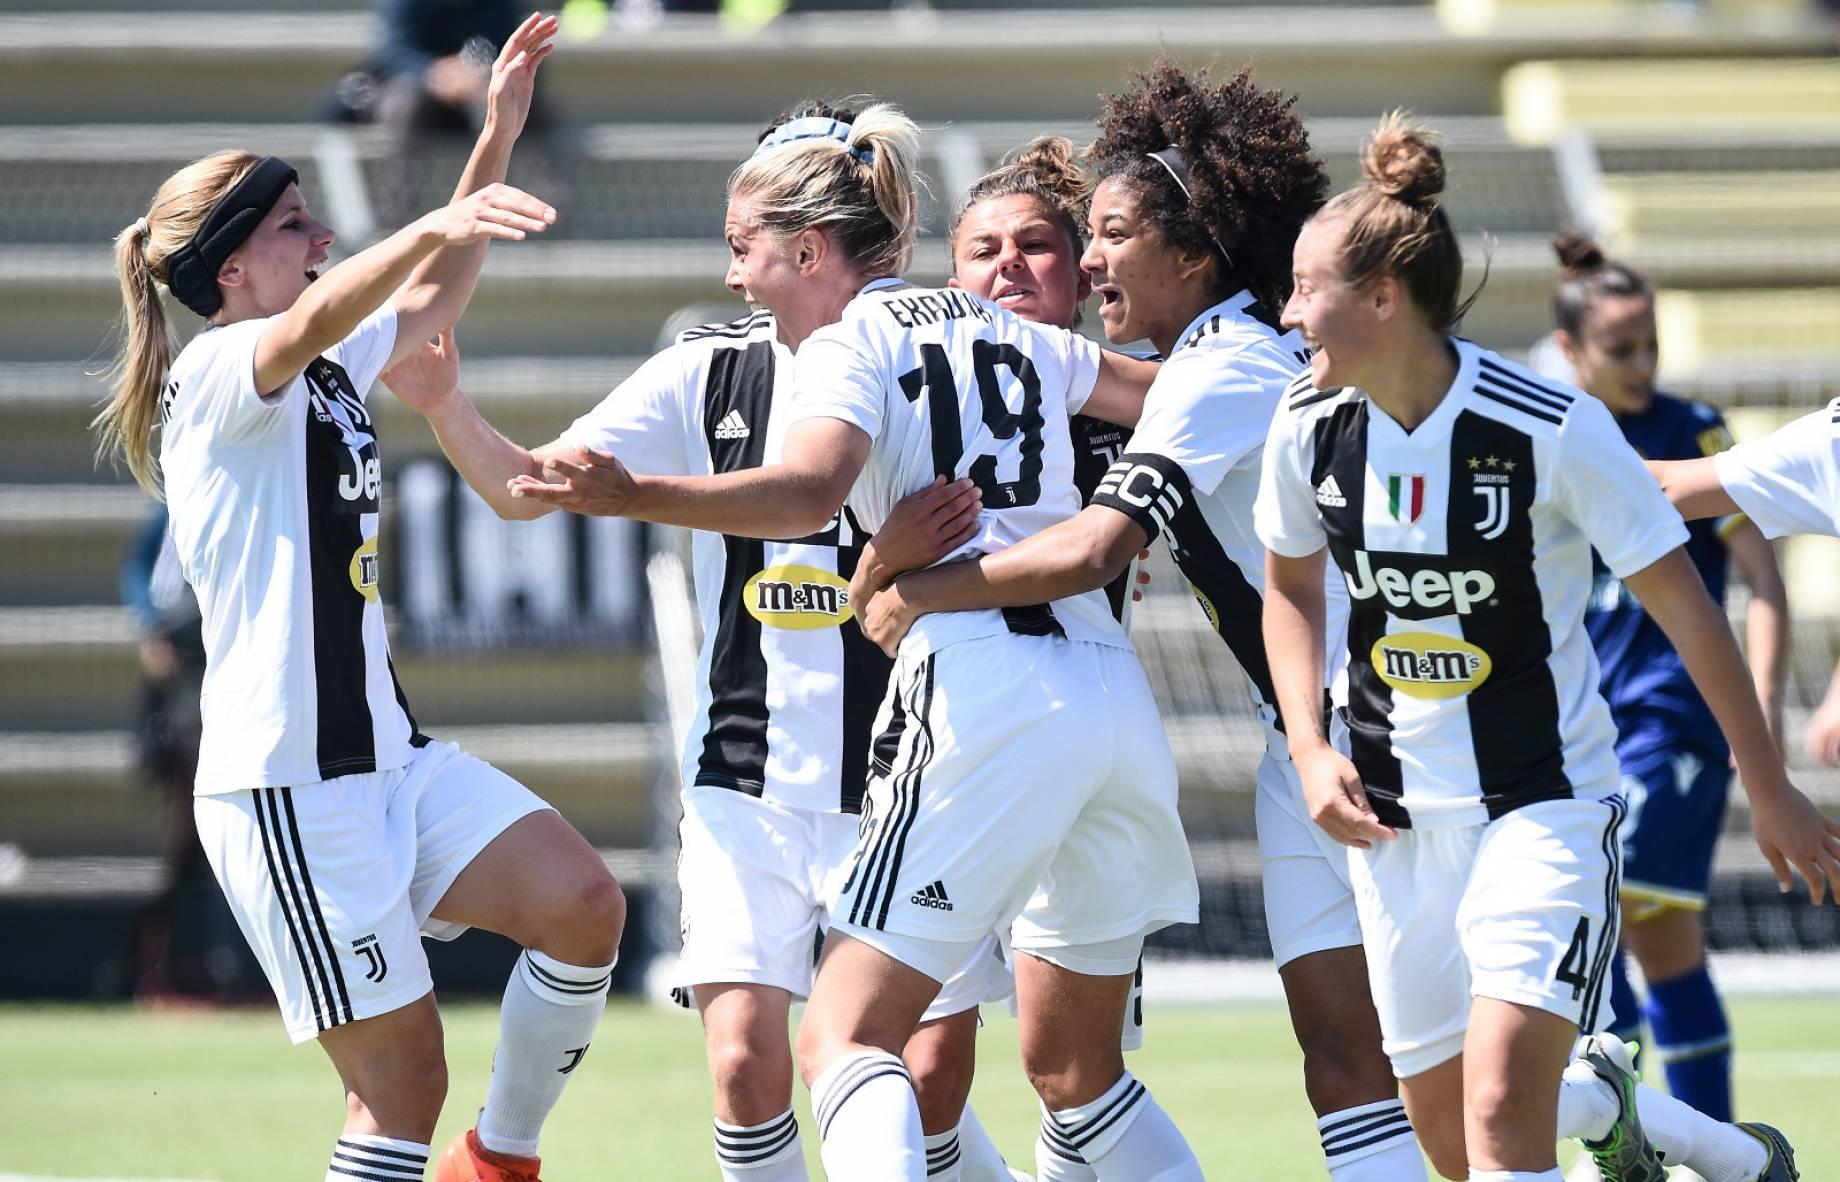 Prima Le Donne La Juventus Women E Campione D Italia